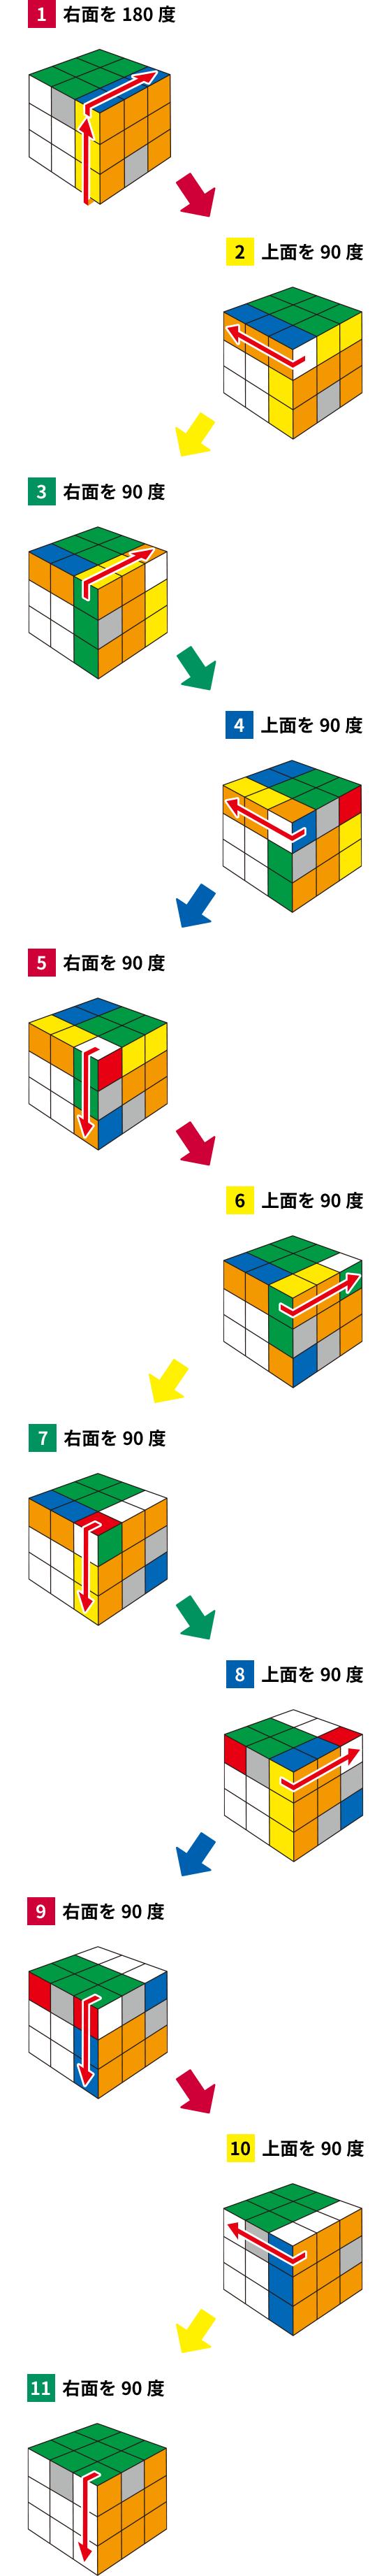 解き方 ルービック キューブ